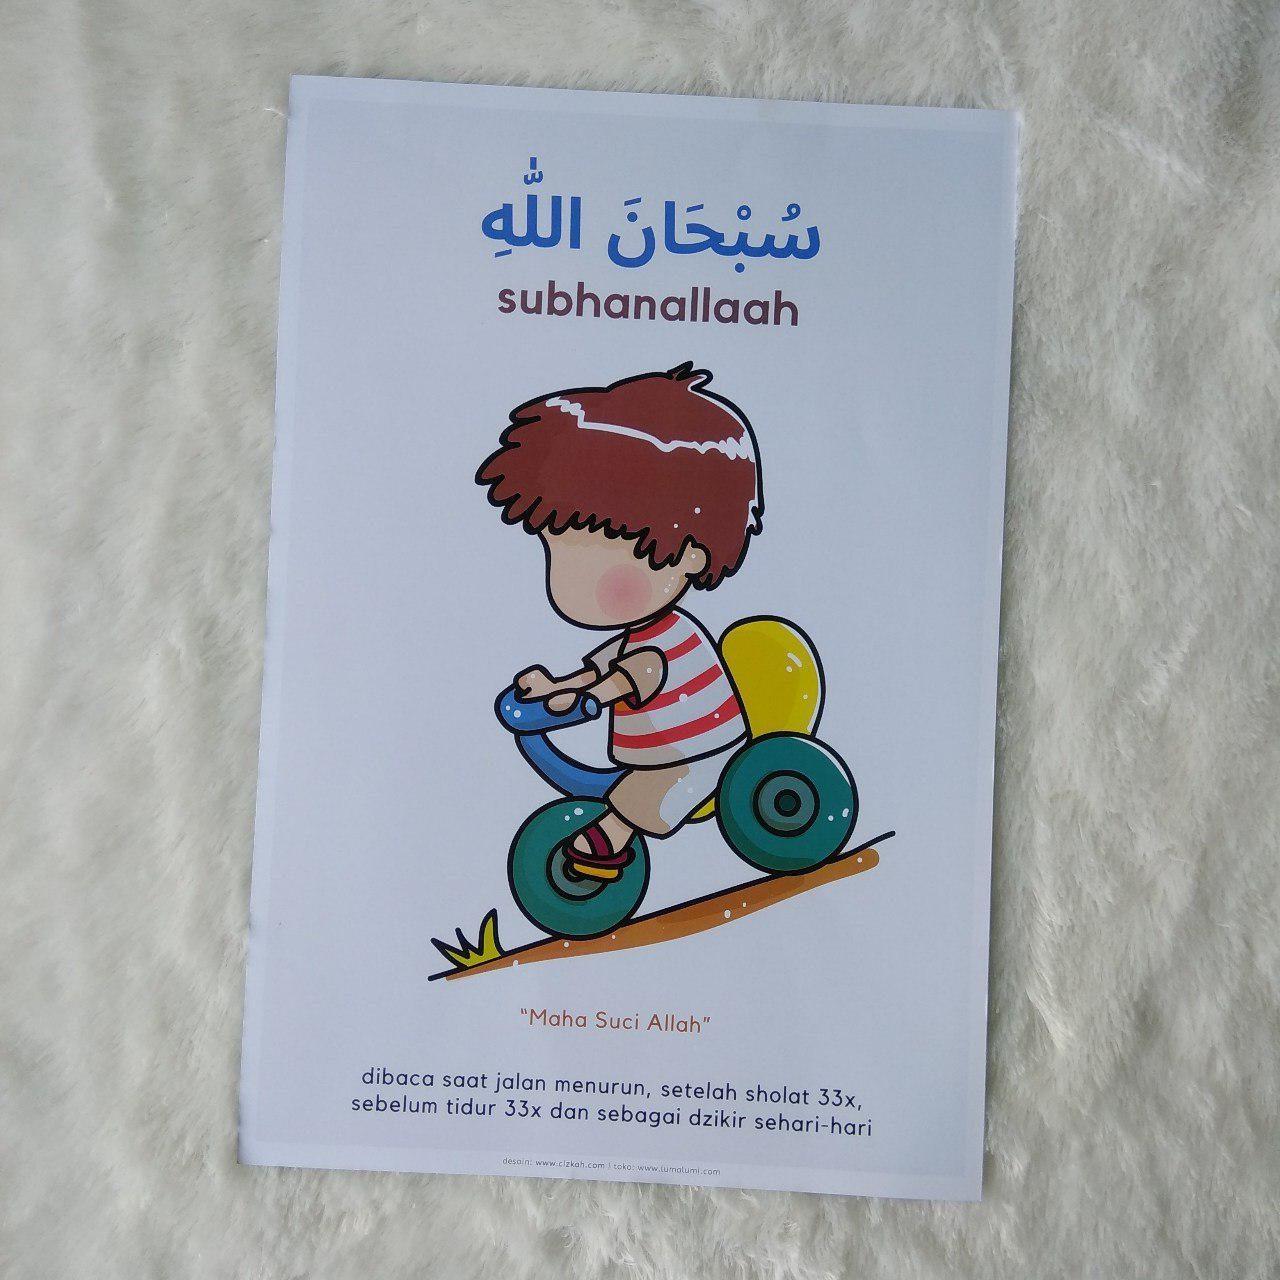 Poster Anak Dzikir Subhanallah - Subhaanallah